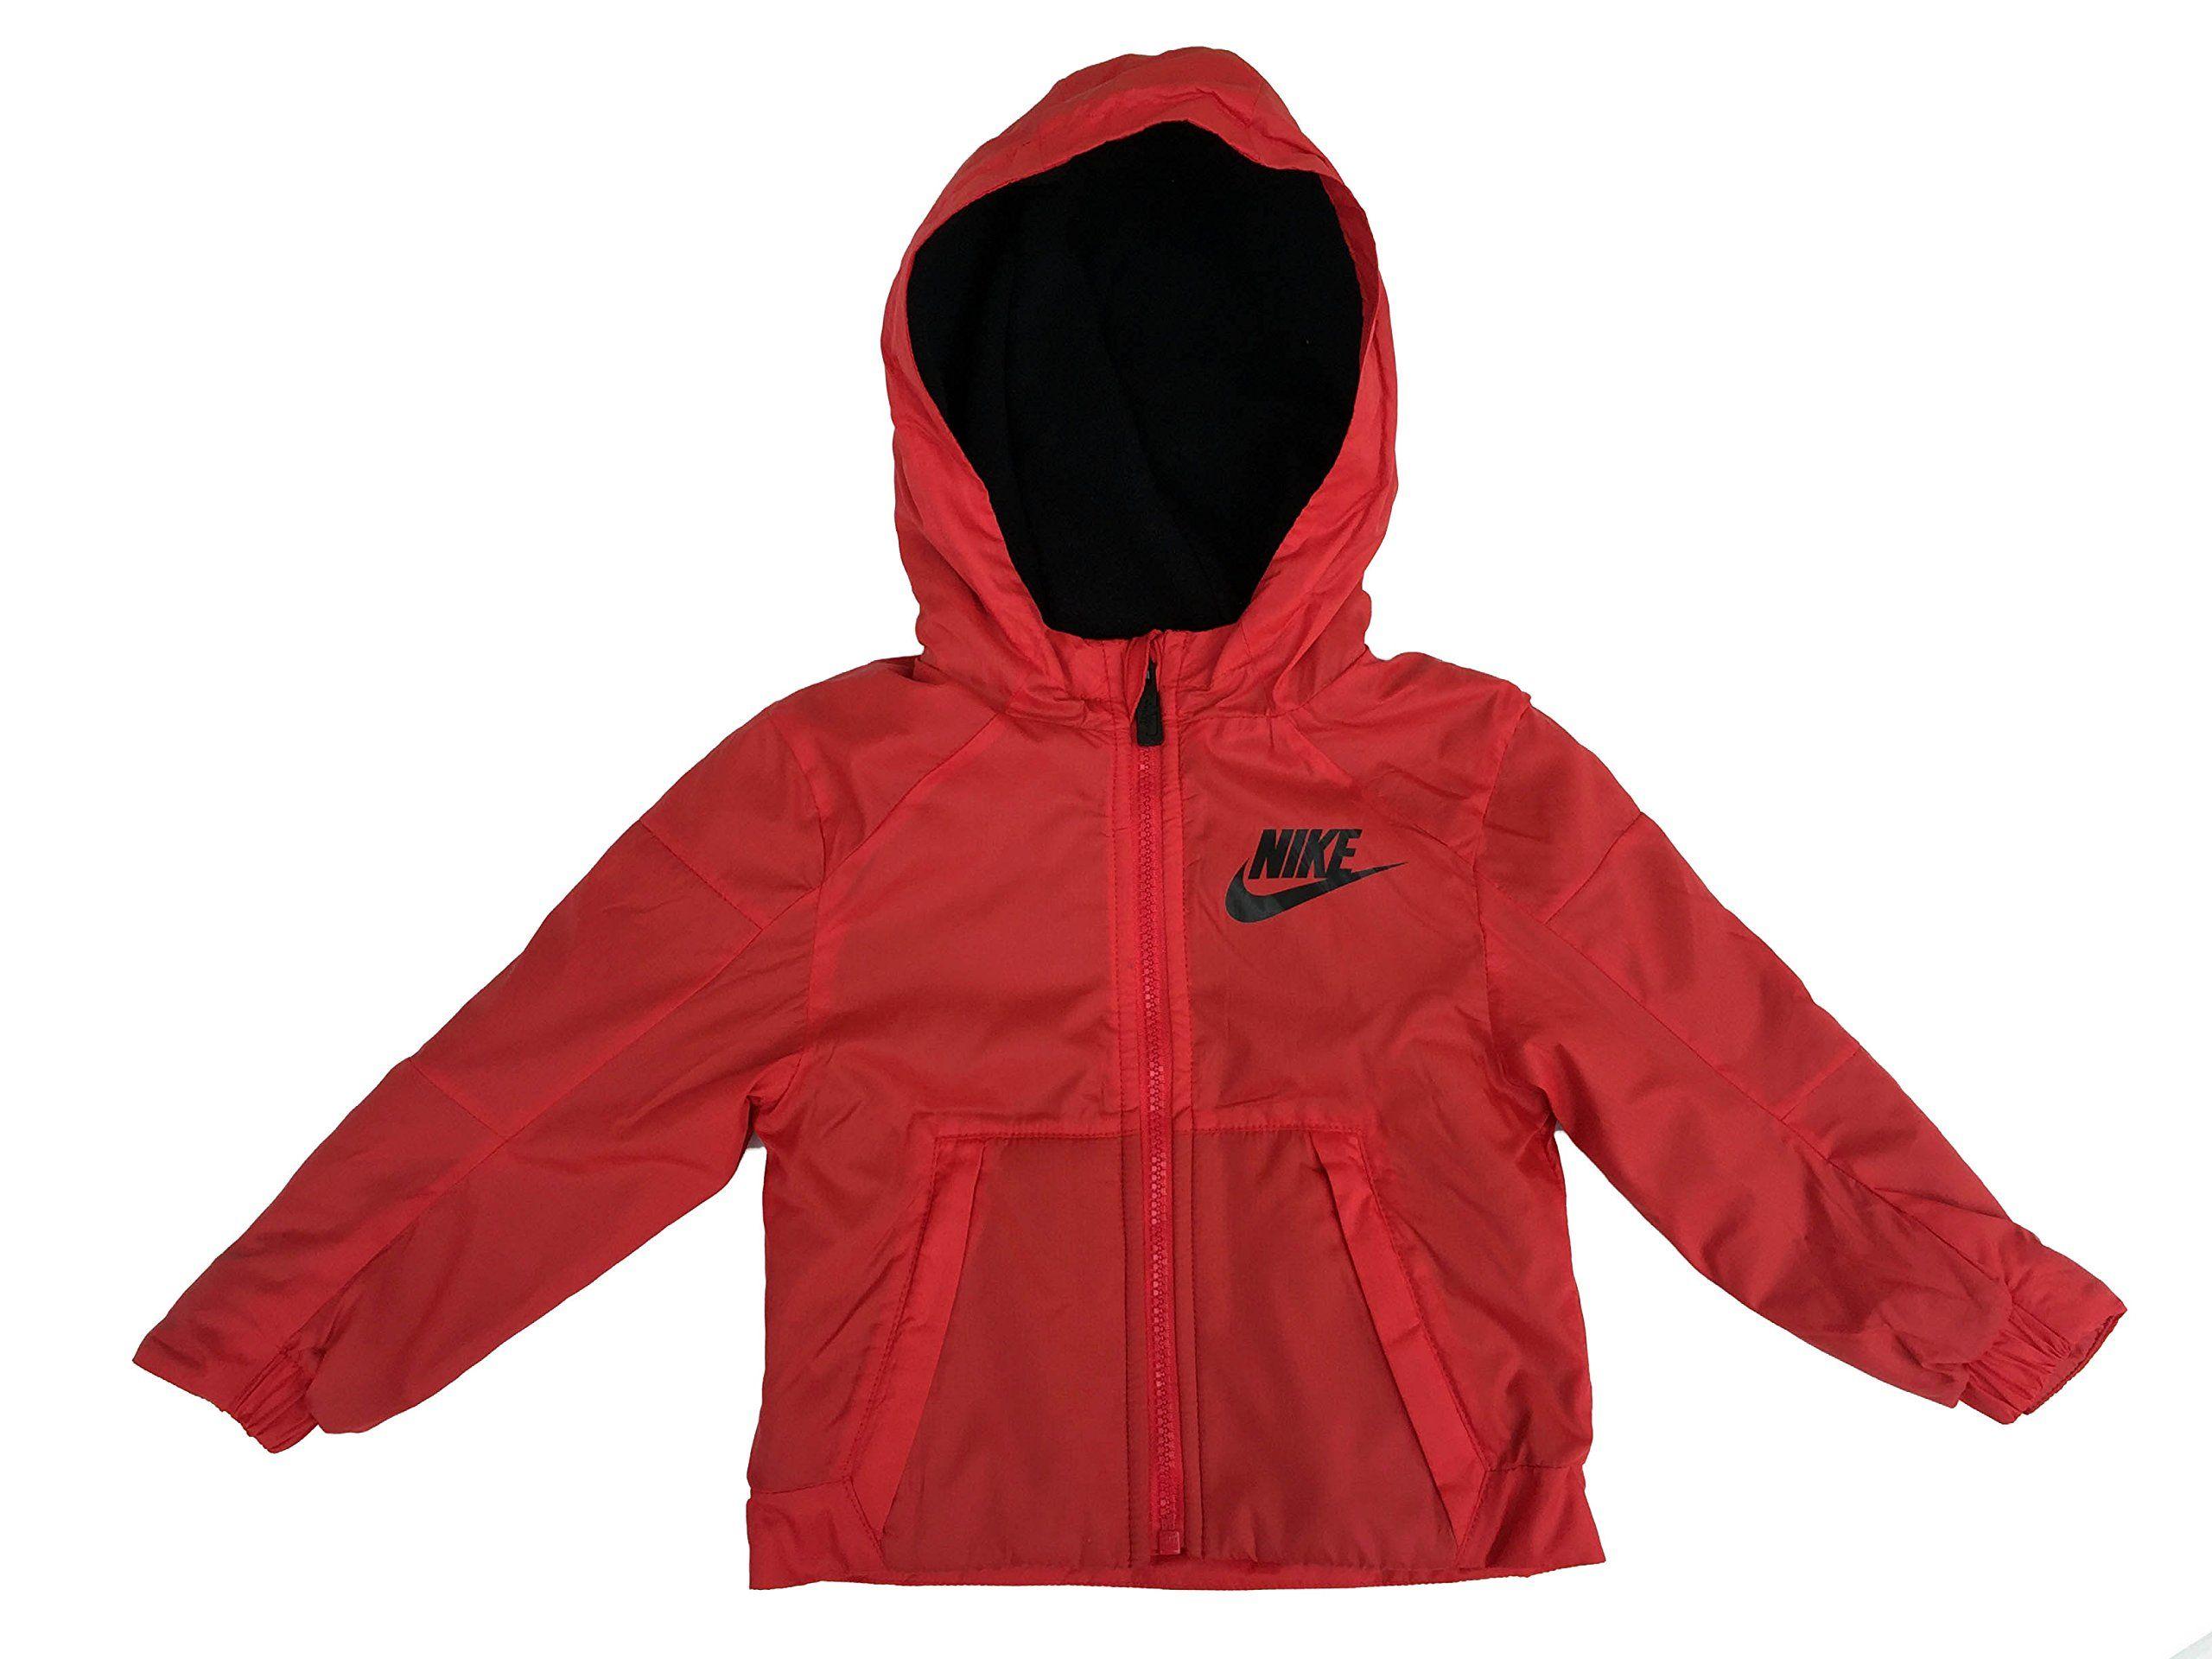 nike fleece lined jacket boys